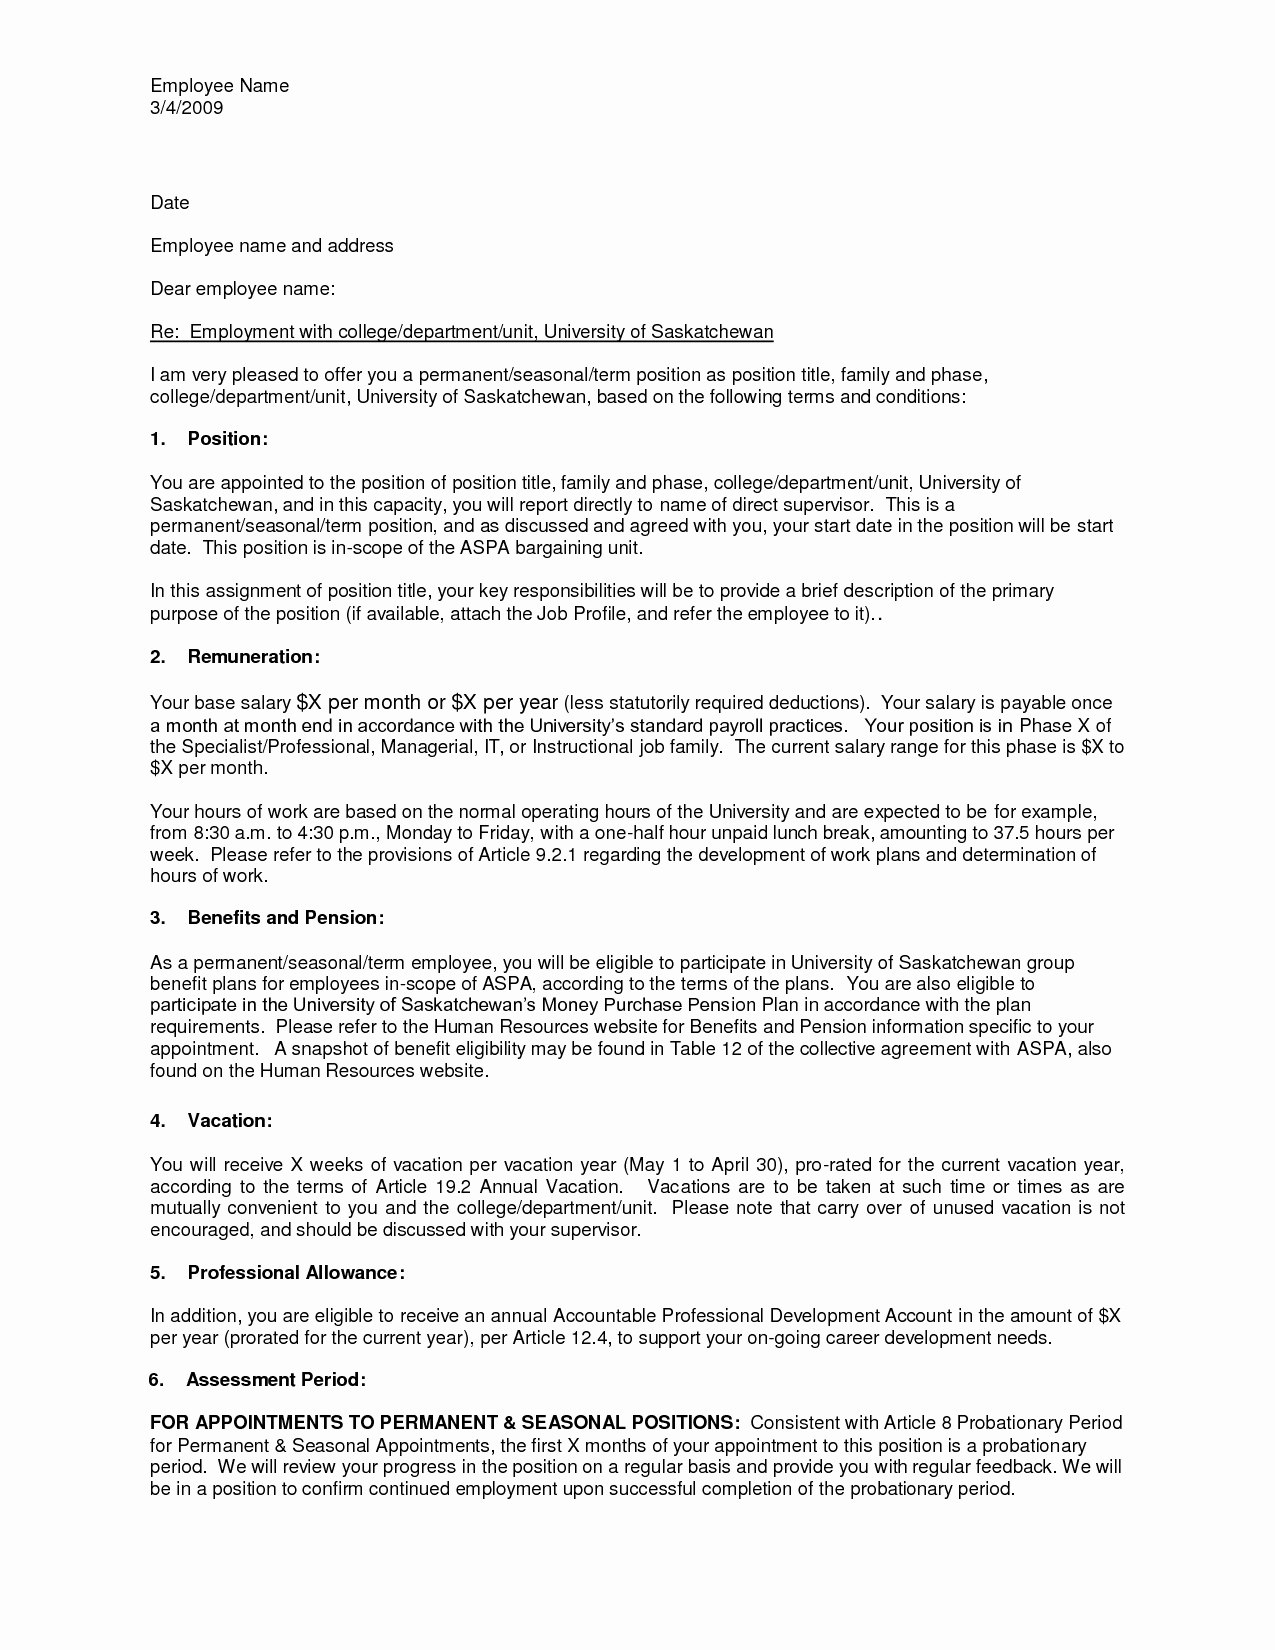 Sample Employment Offer Letter Elegant Job Fer Letter Template Uk